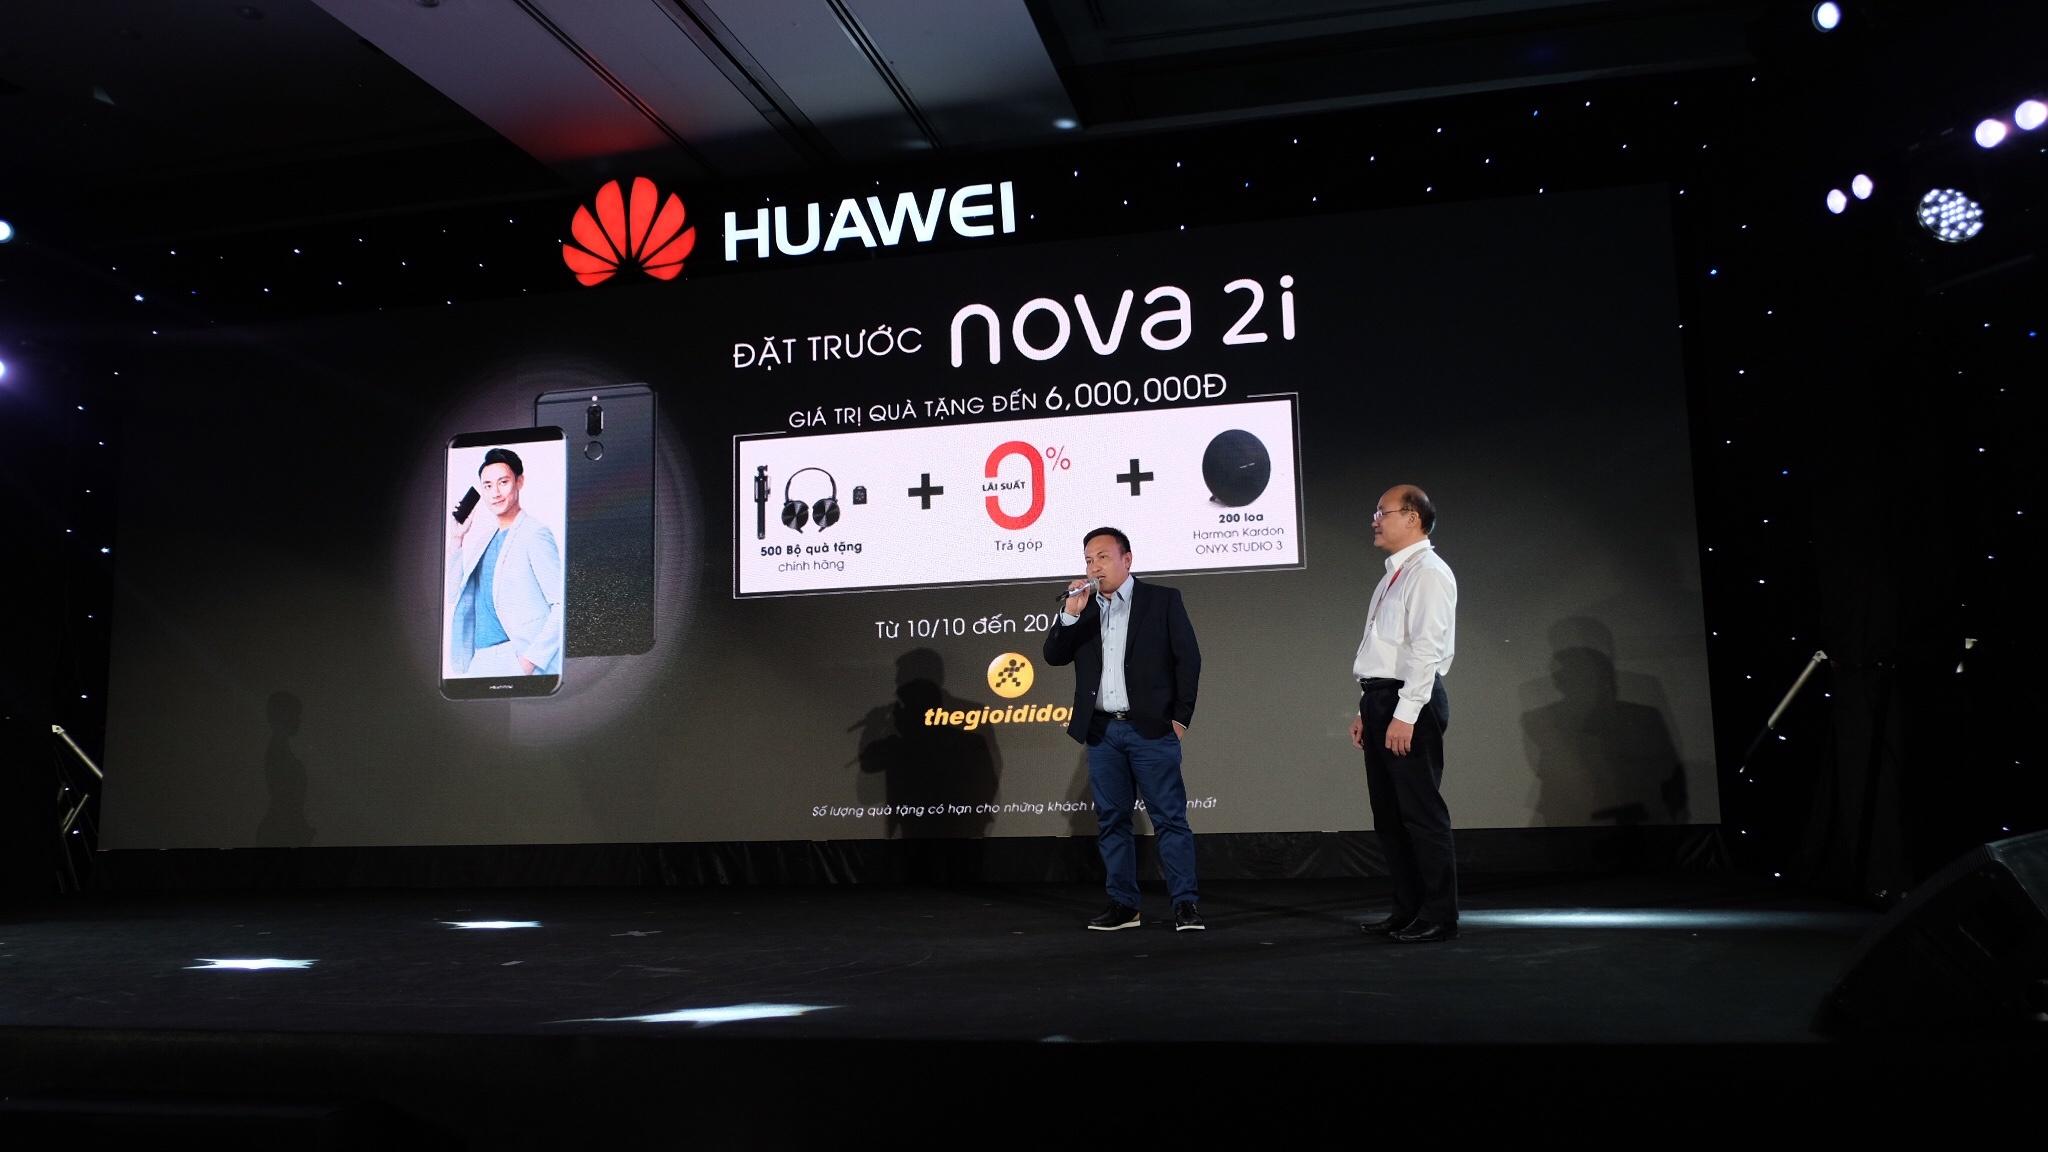 Huawei ra mat smartphona Nova 2i anh 12